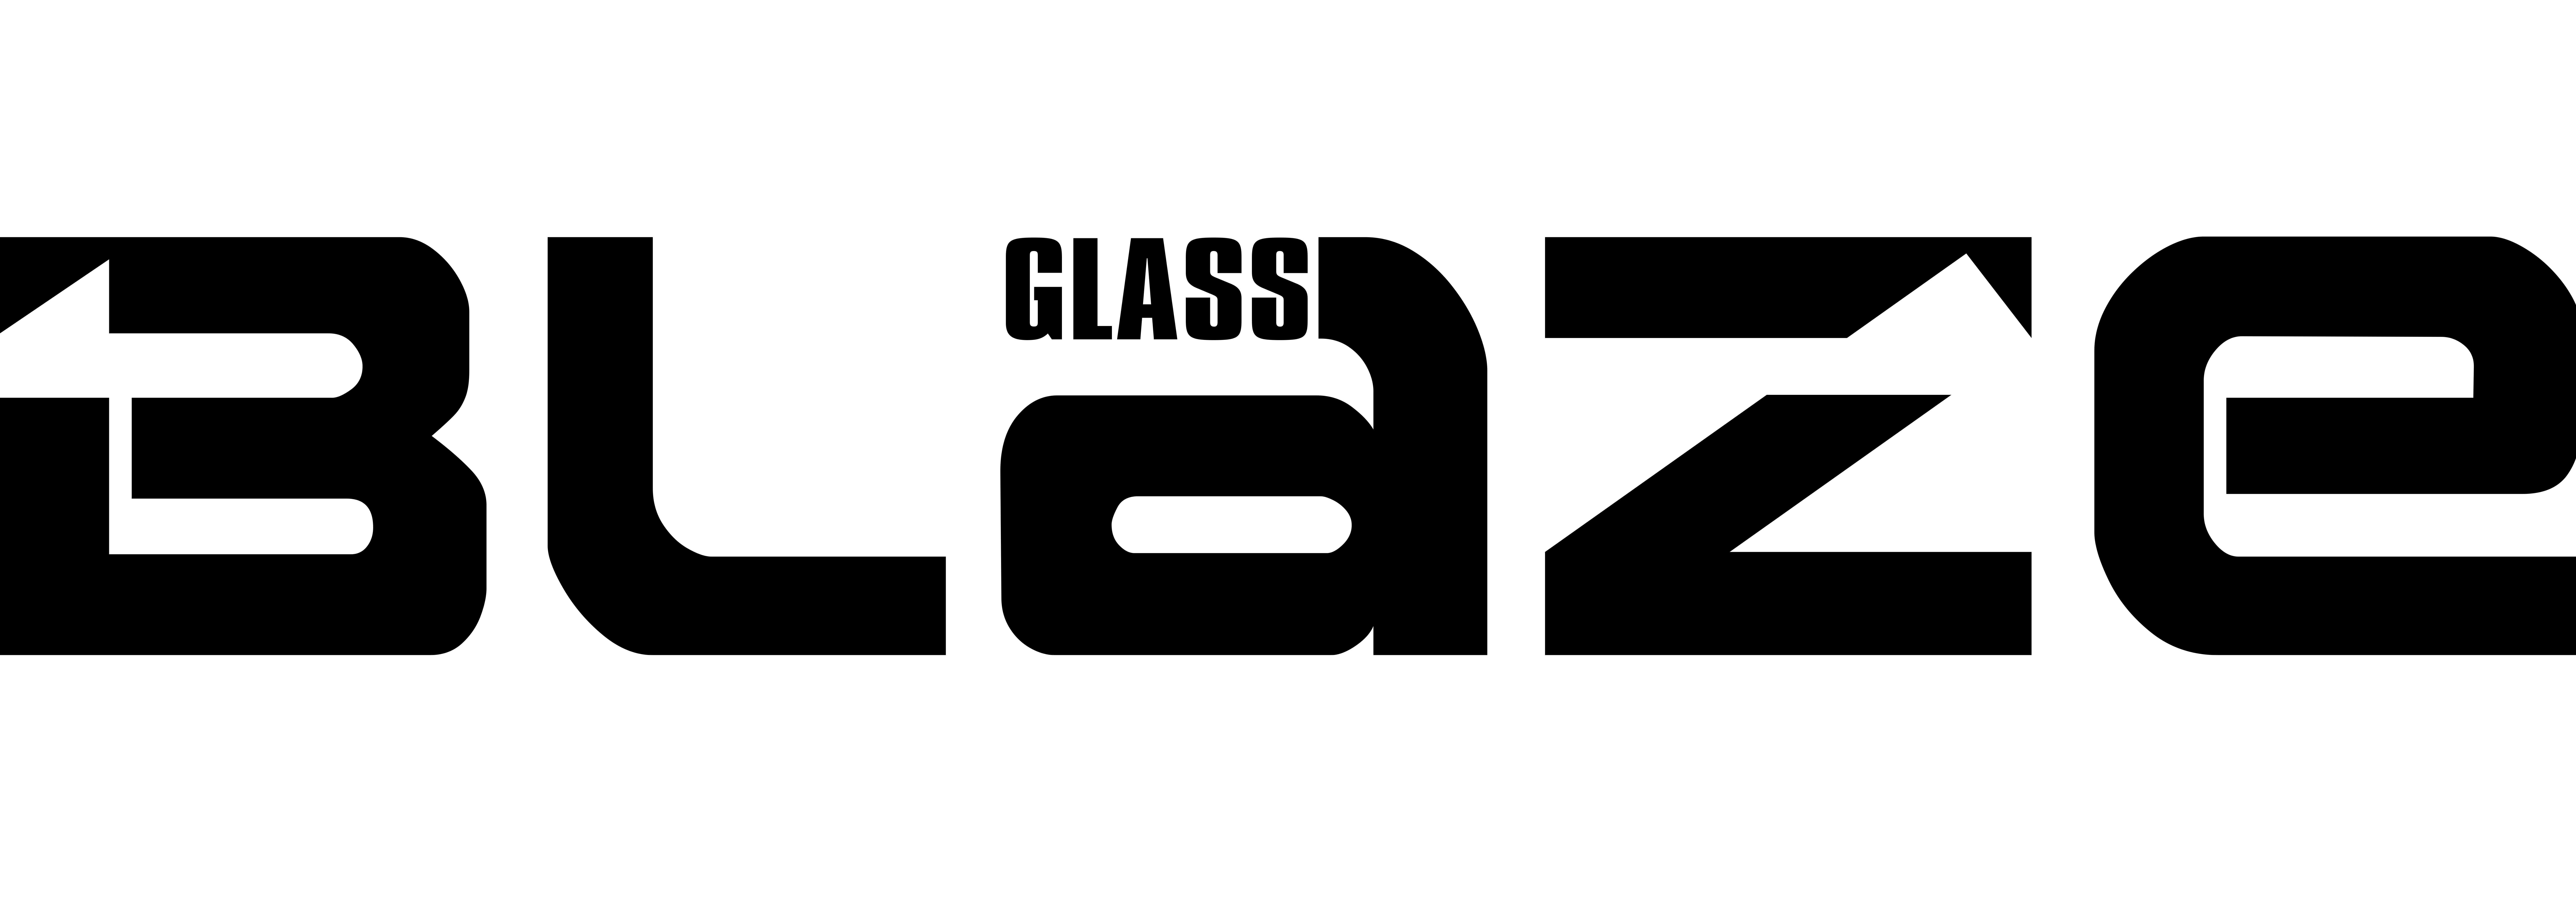 Blaze Glass